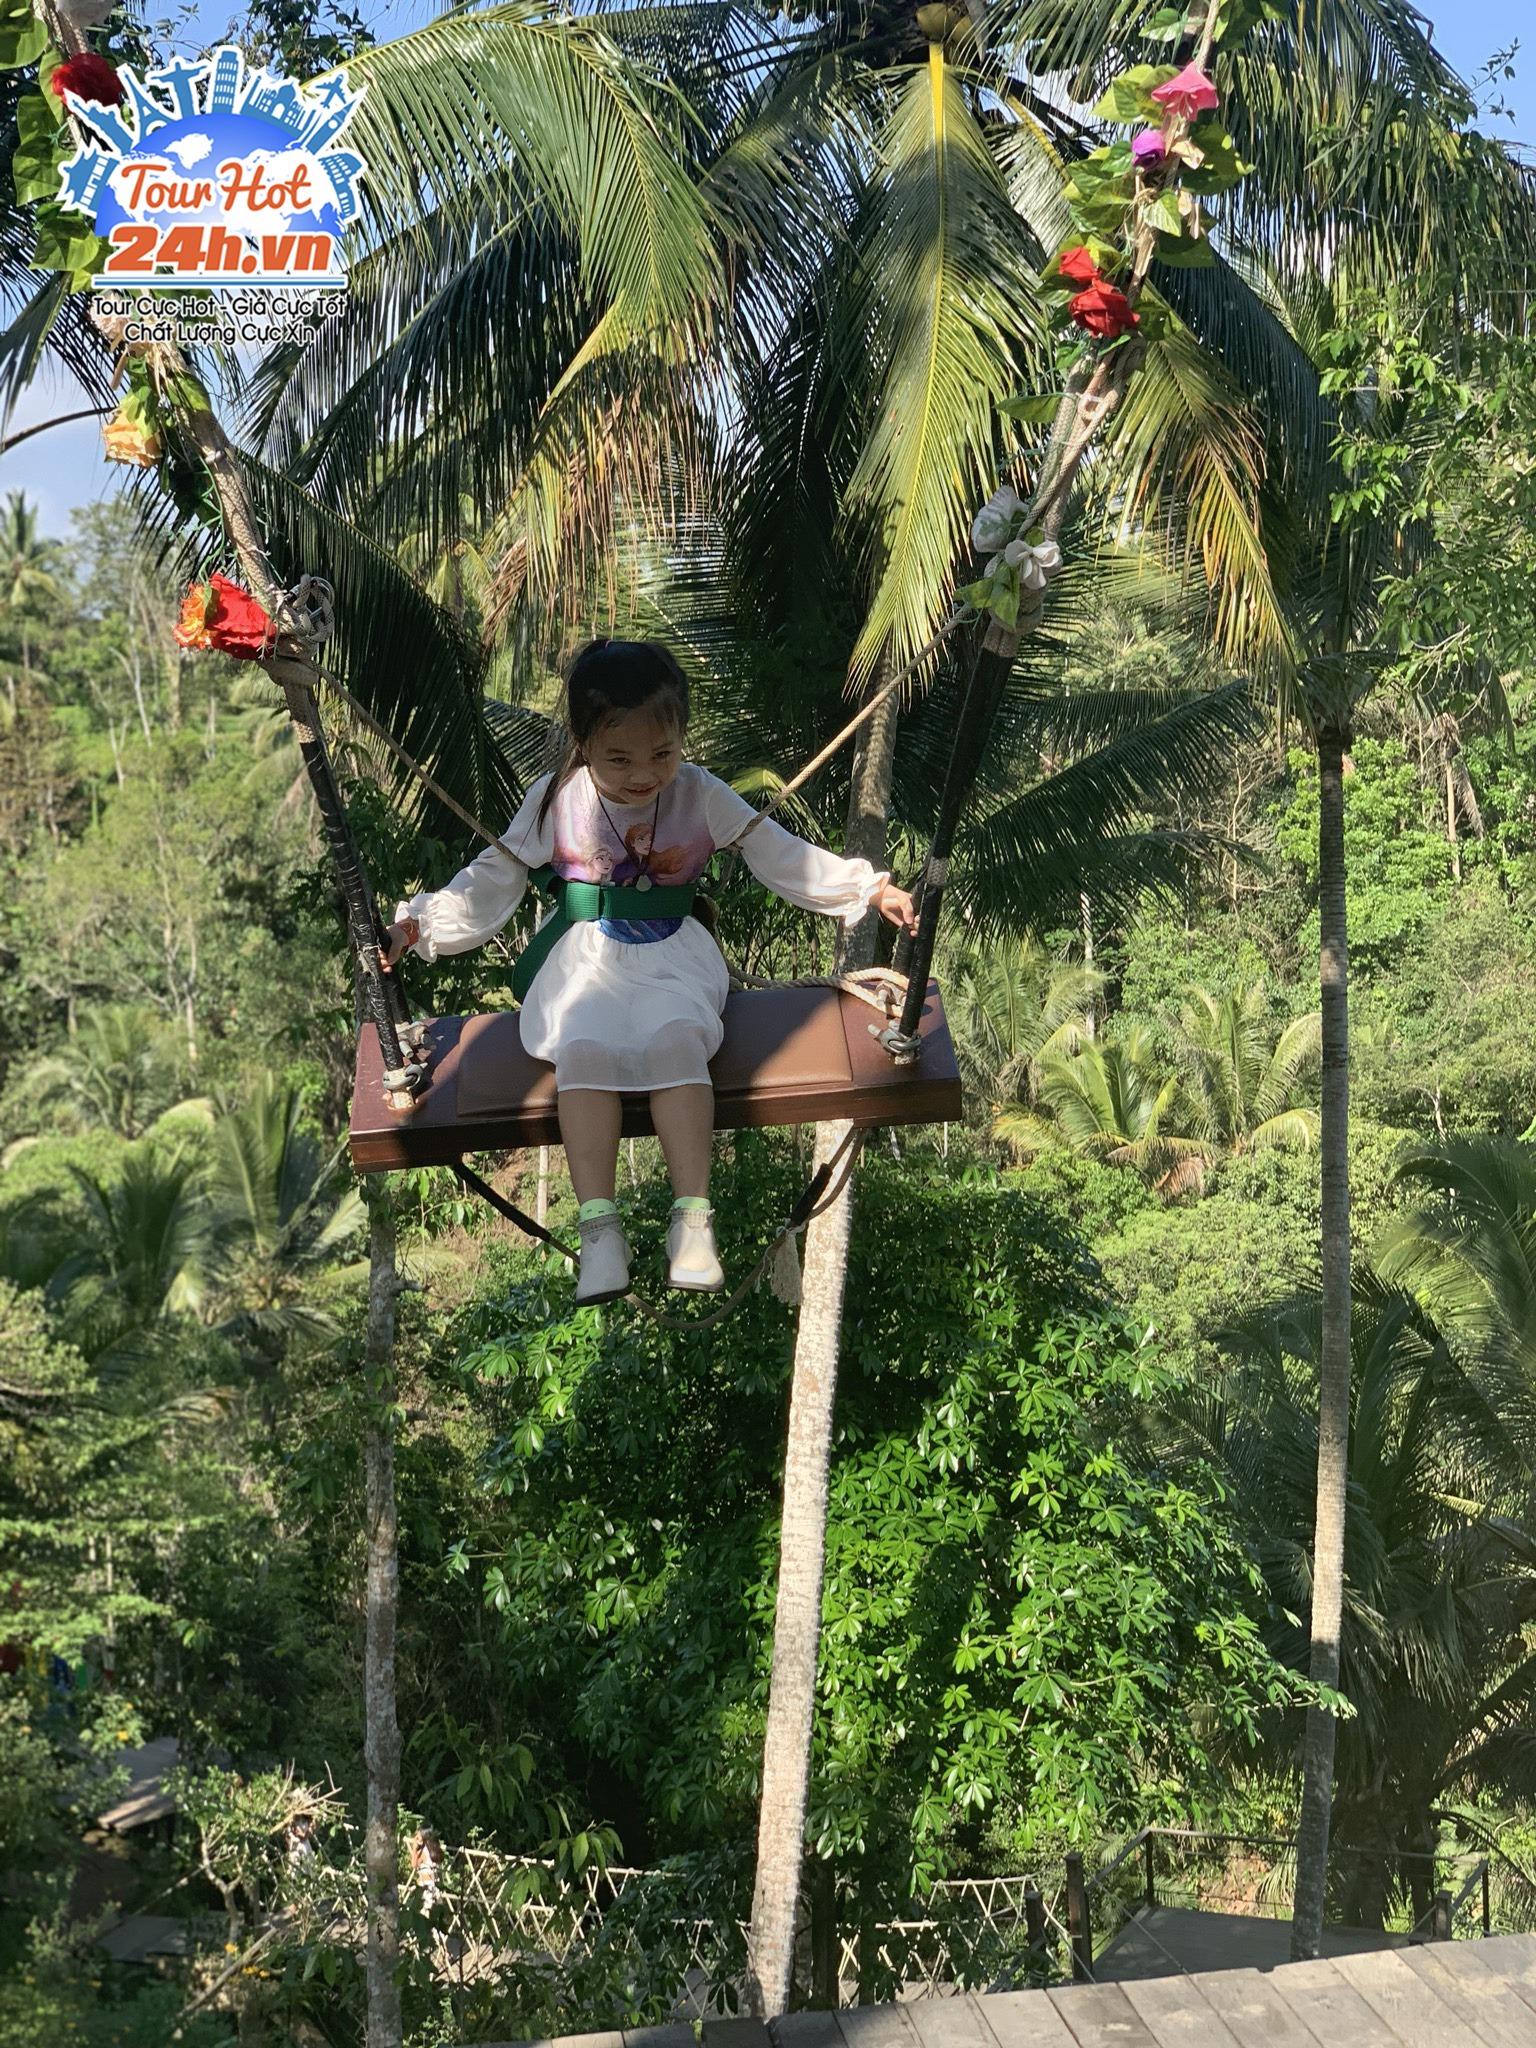 Em bé tham gia tour Bali 4 ngày 3 đêm chơi đu quay Bali